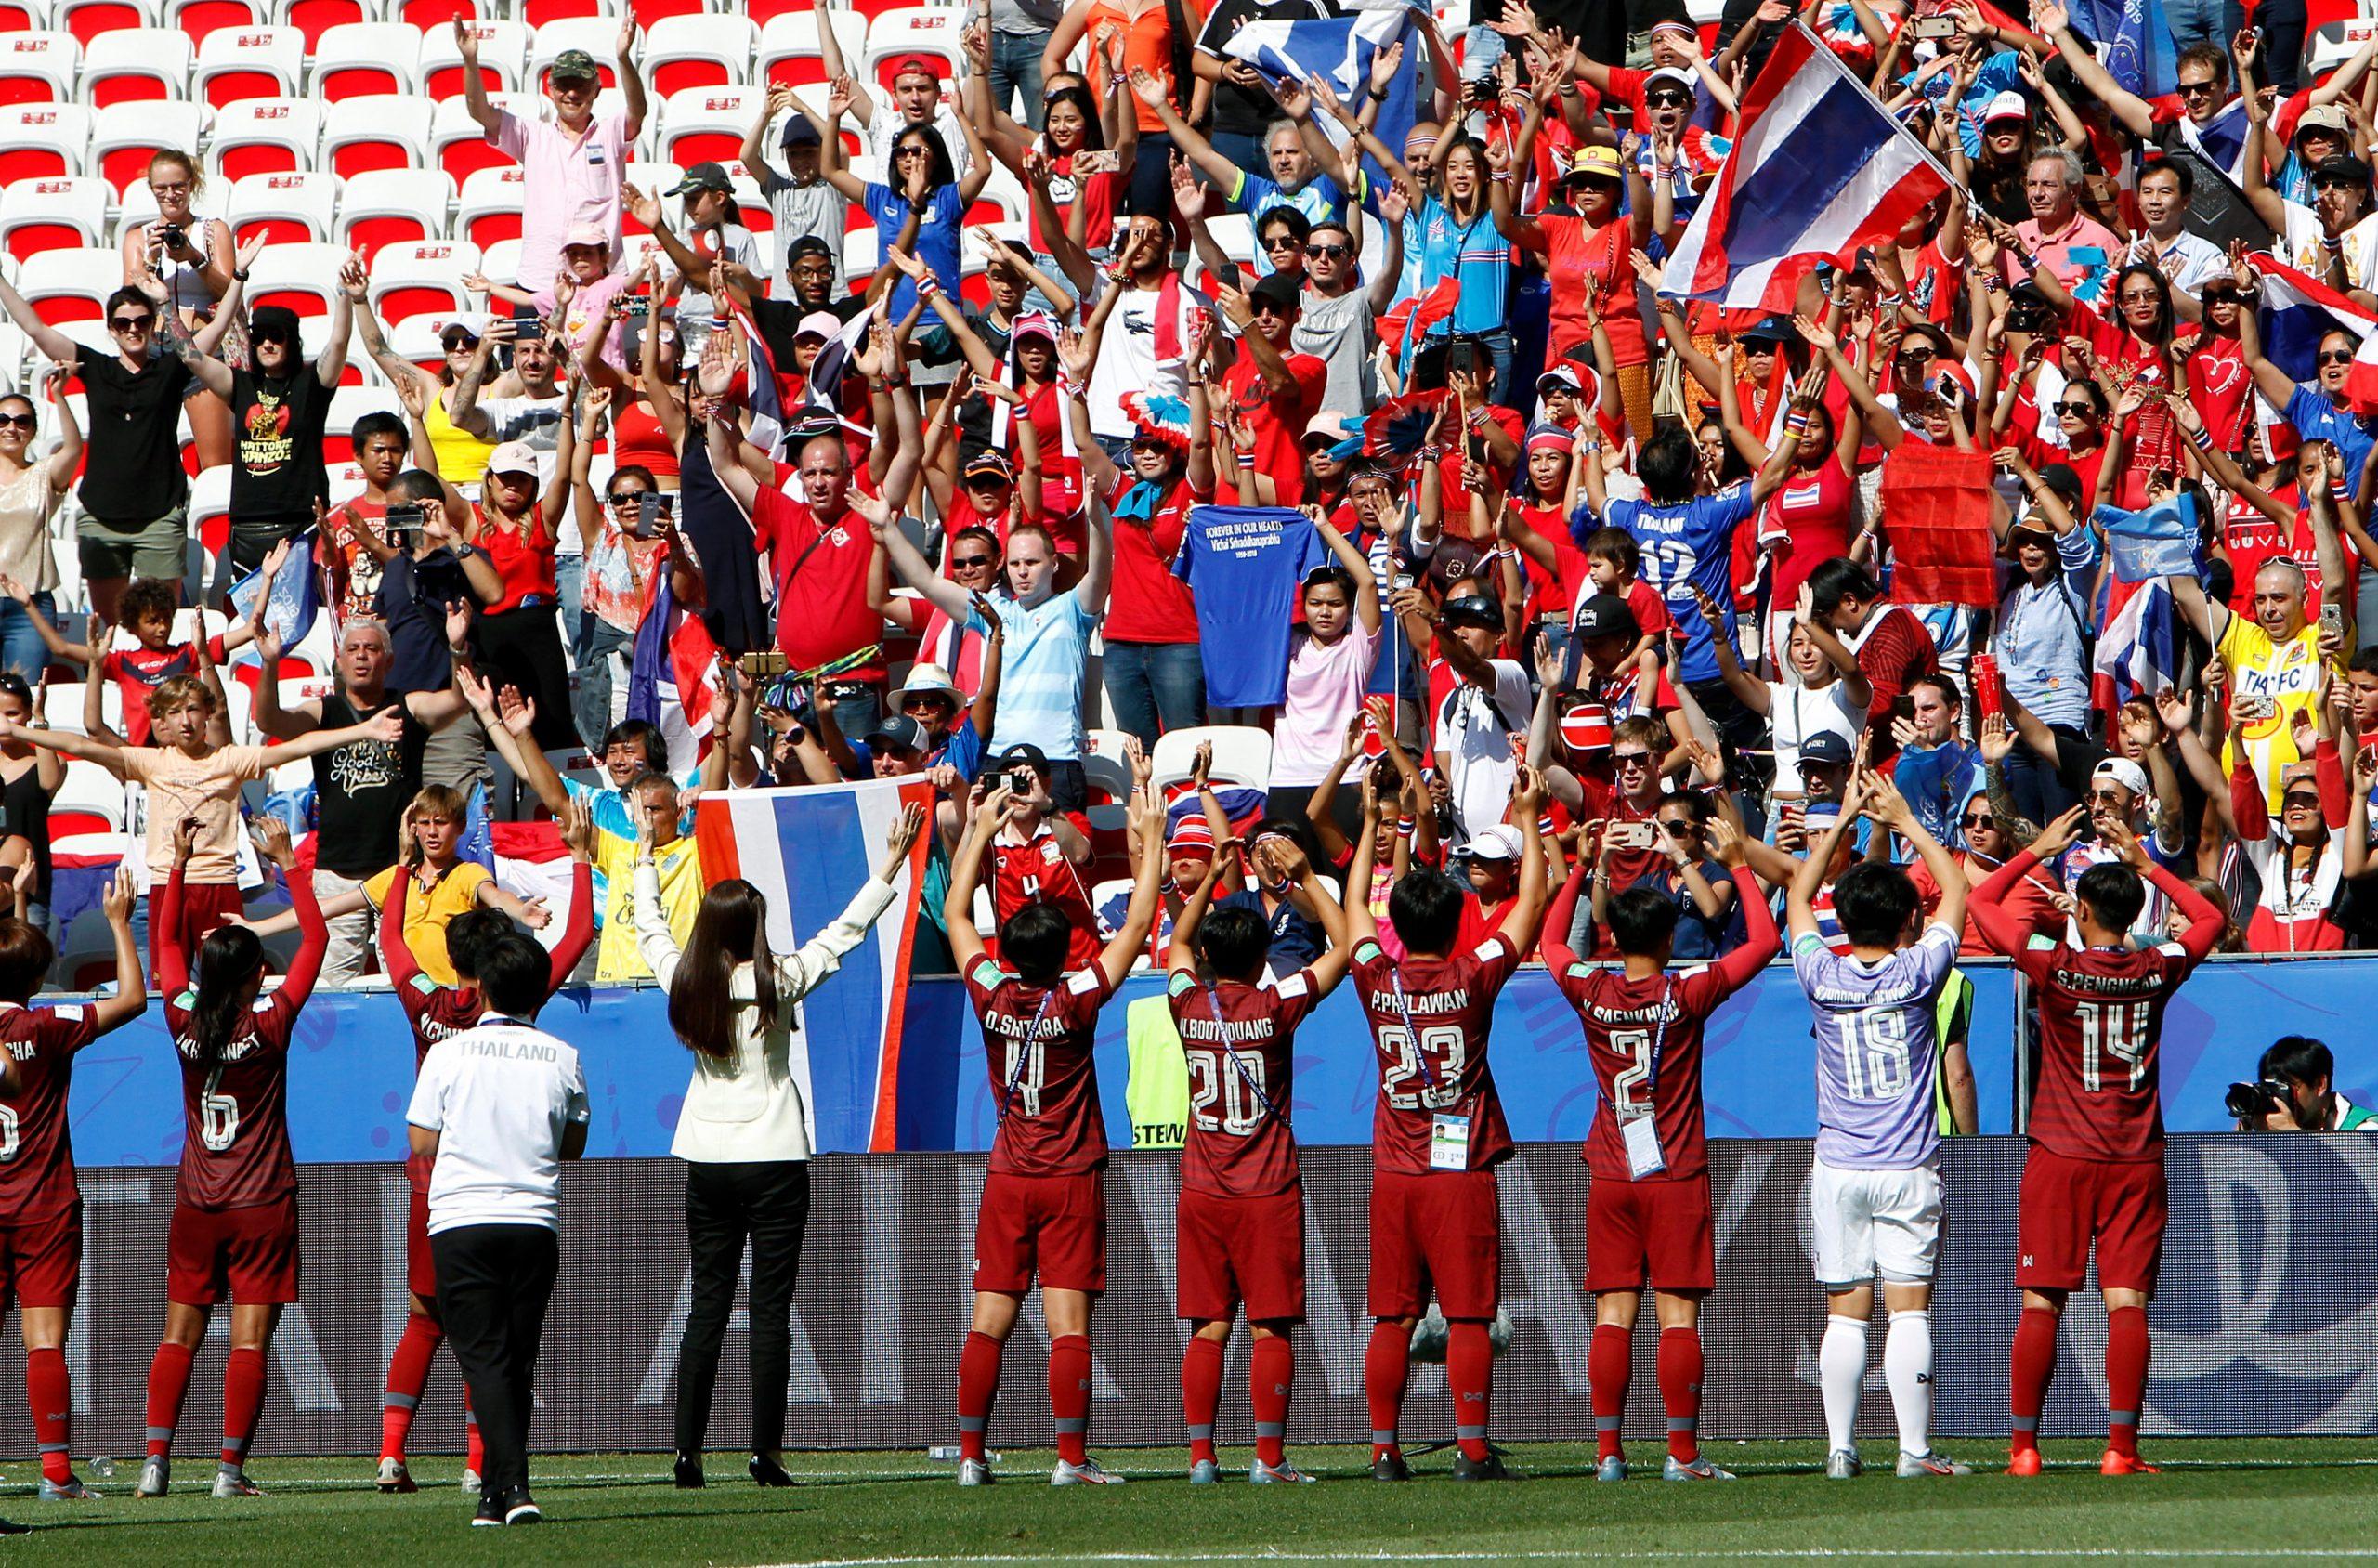 กาญจนา สังข์เงิน ทีมชาติไทย ฟุตบอลหญิง ฟุตบอลหญิงทีมชาติไทย ฟุตบอลโลกหญิง 2019 สวีเดน